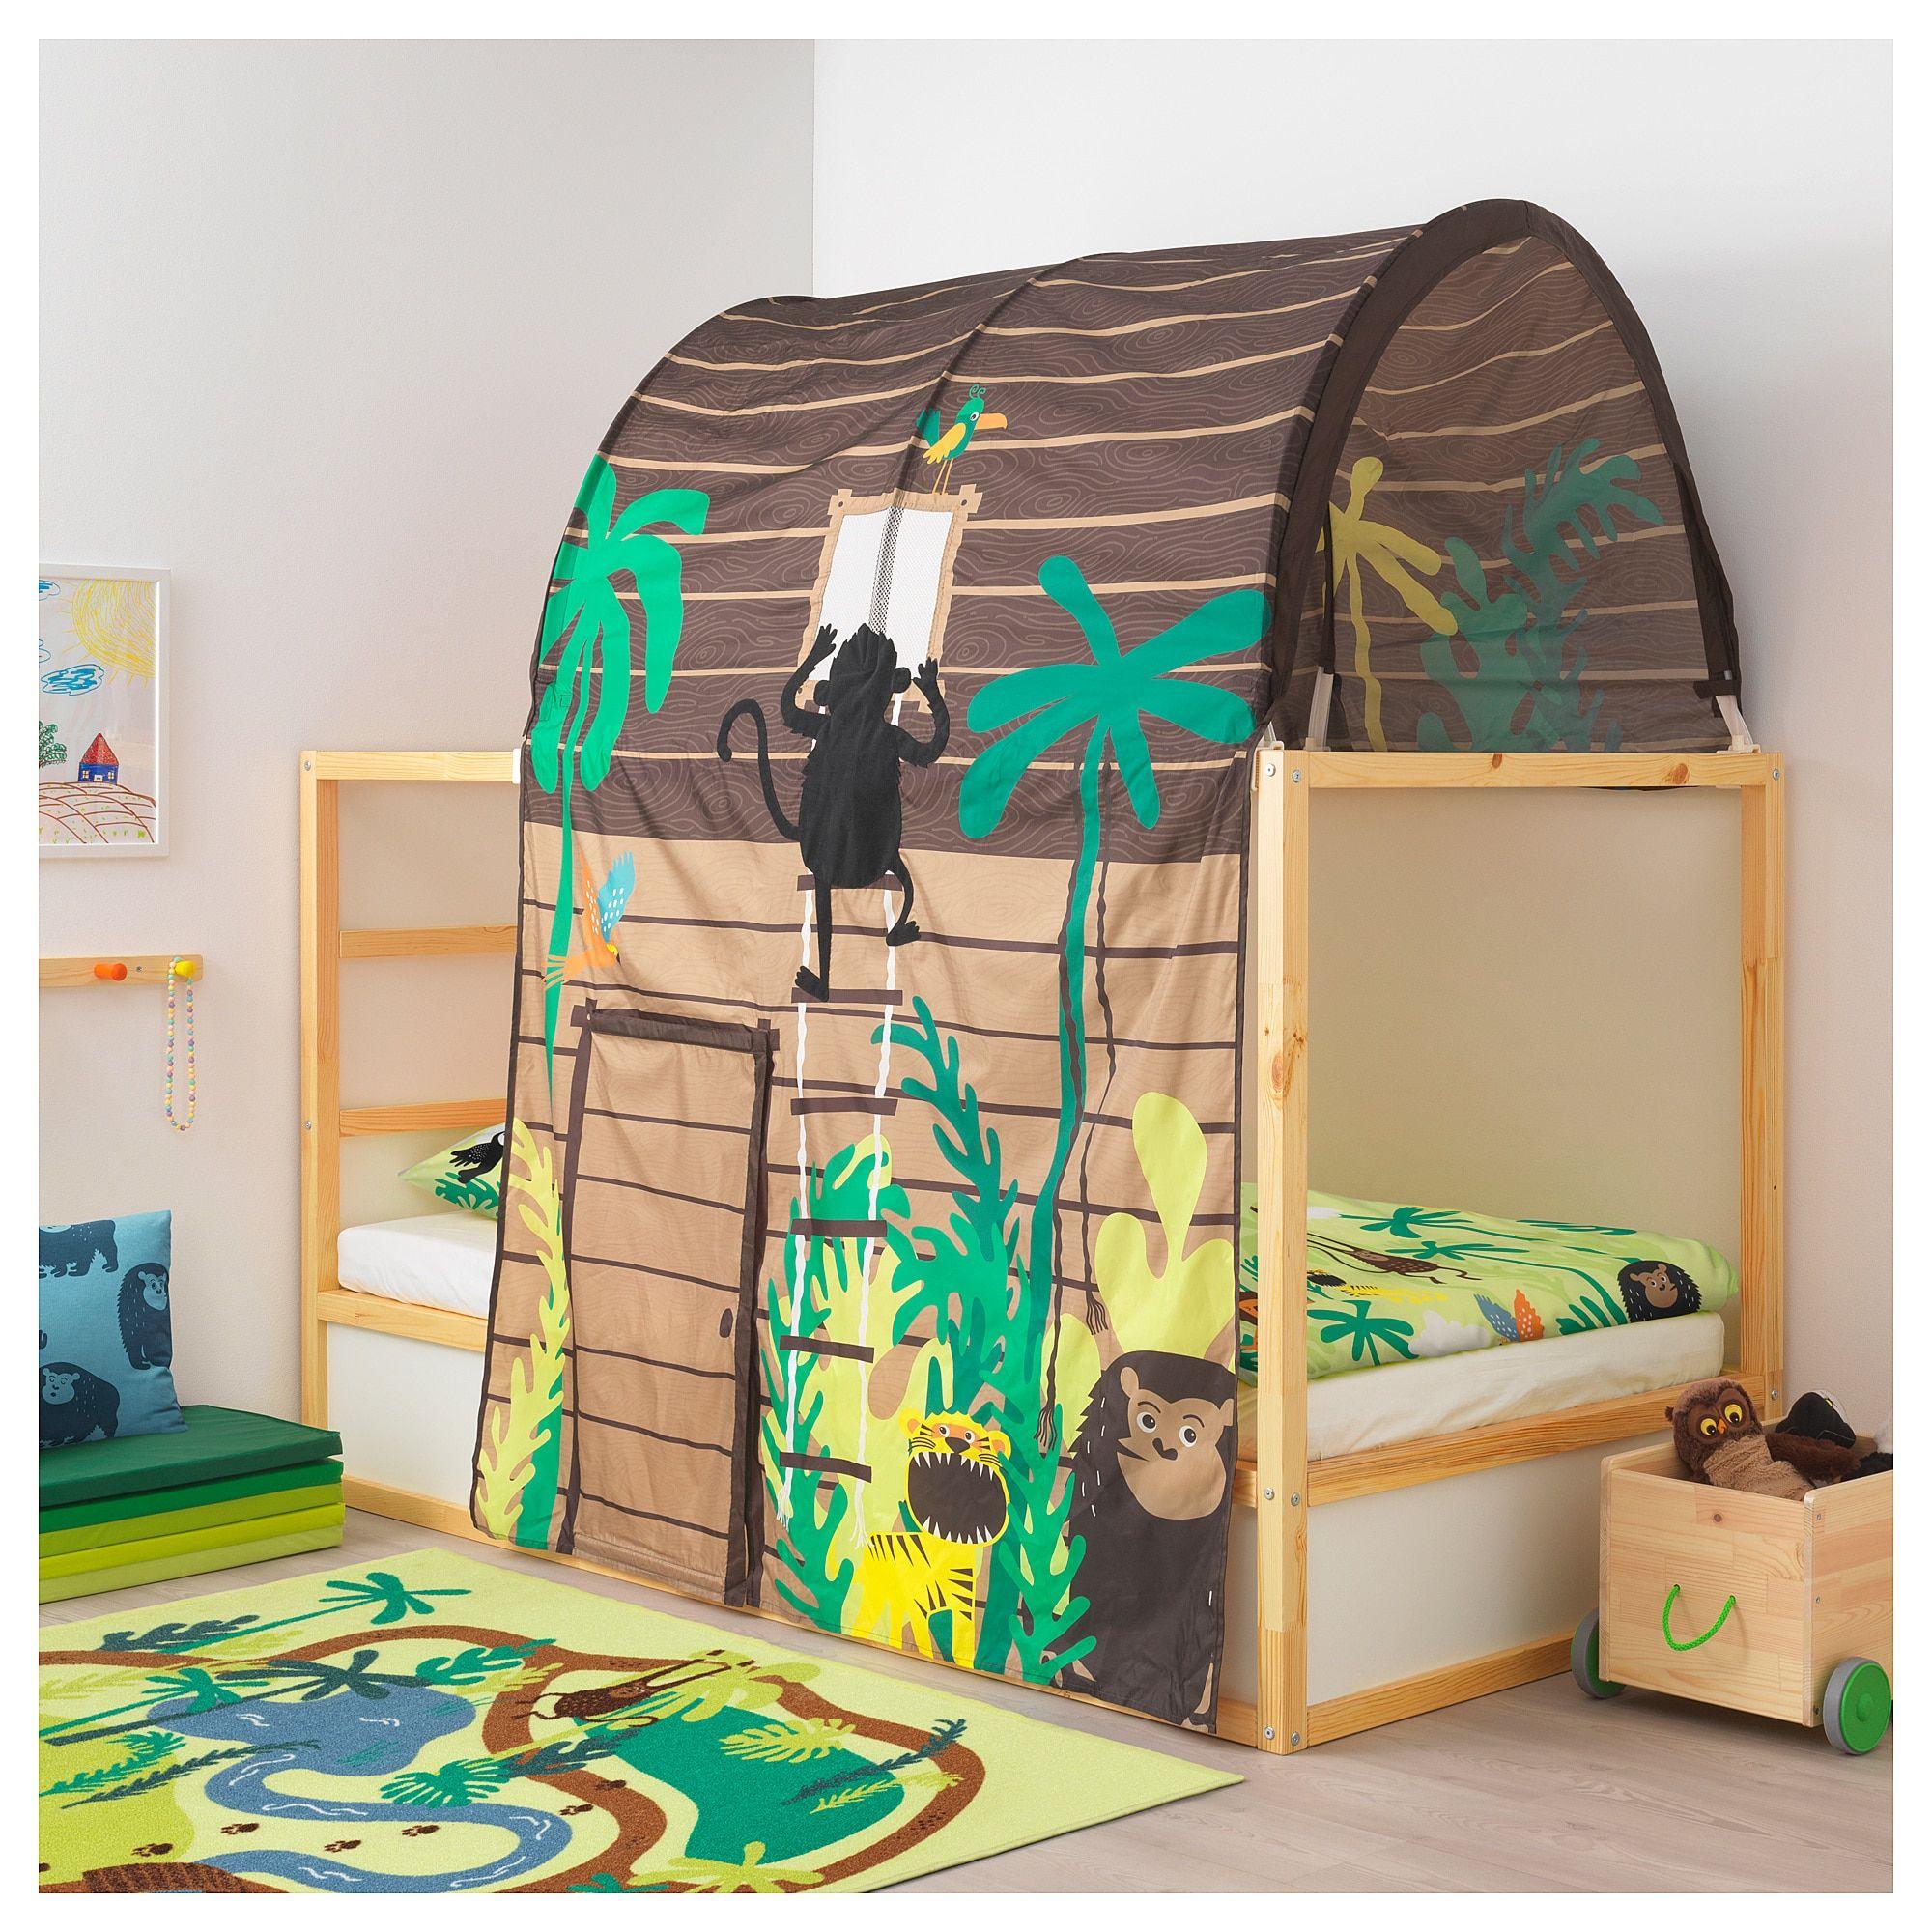 Letto A Castello Ikea Kura.Il Letto A Castello E Reversibile Evvai Soluzione Gia In